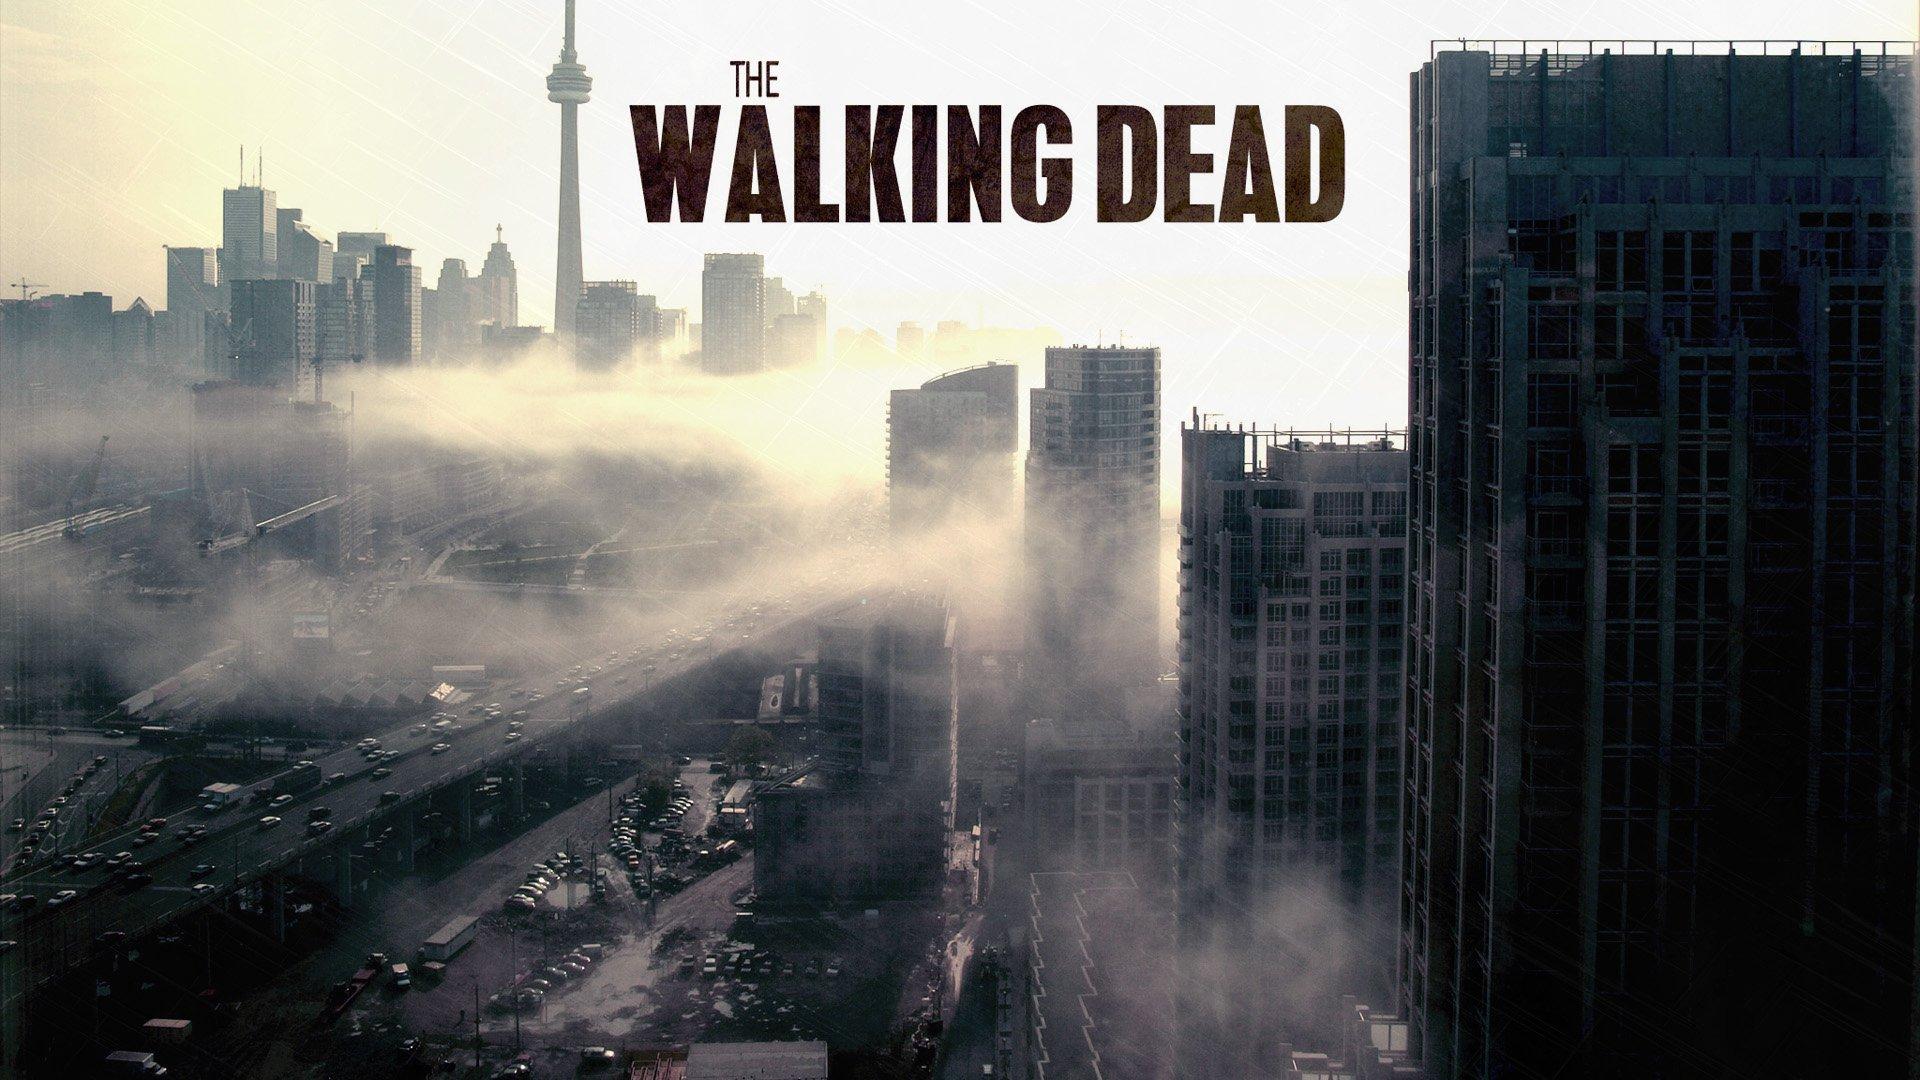 The Walking Dead Wallpaper 1920x1080 Sf Wallpaper